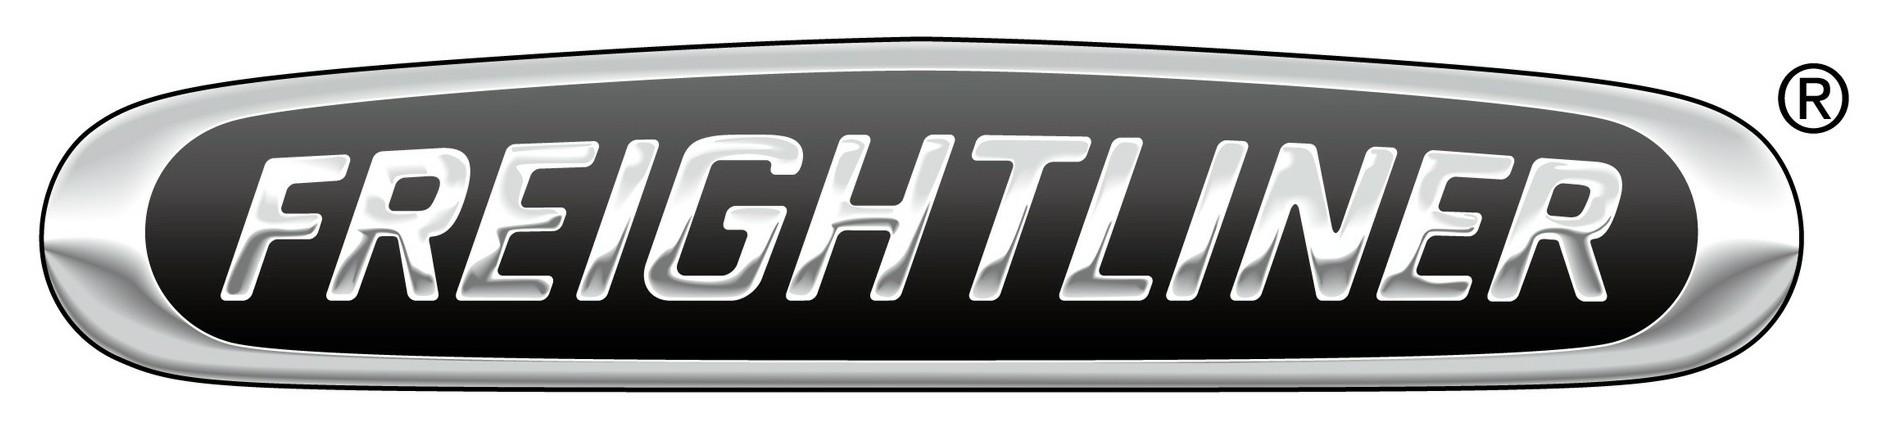 freightliner logo.jpg